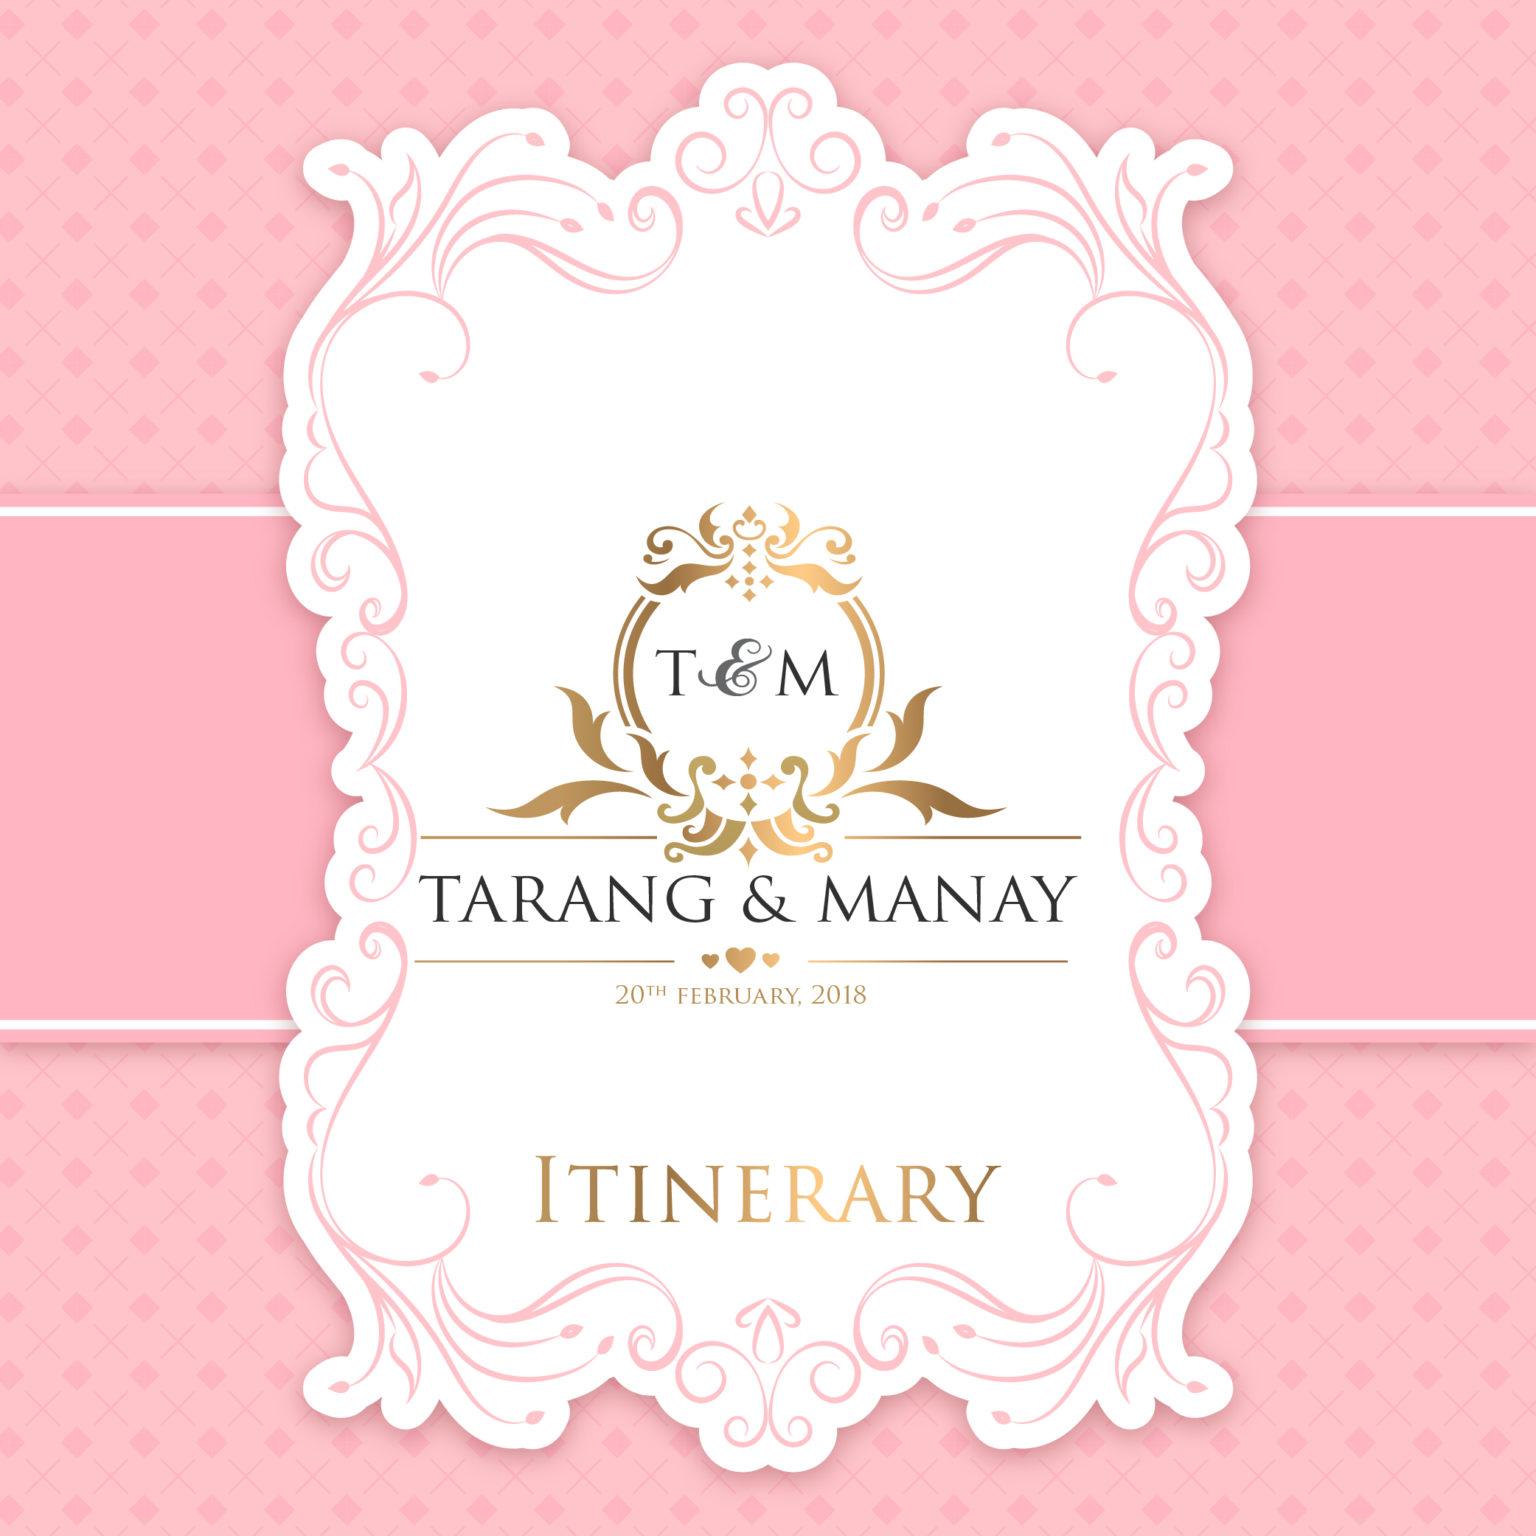 Tarng_itiniary-01